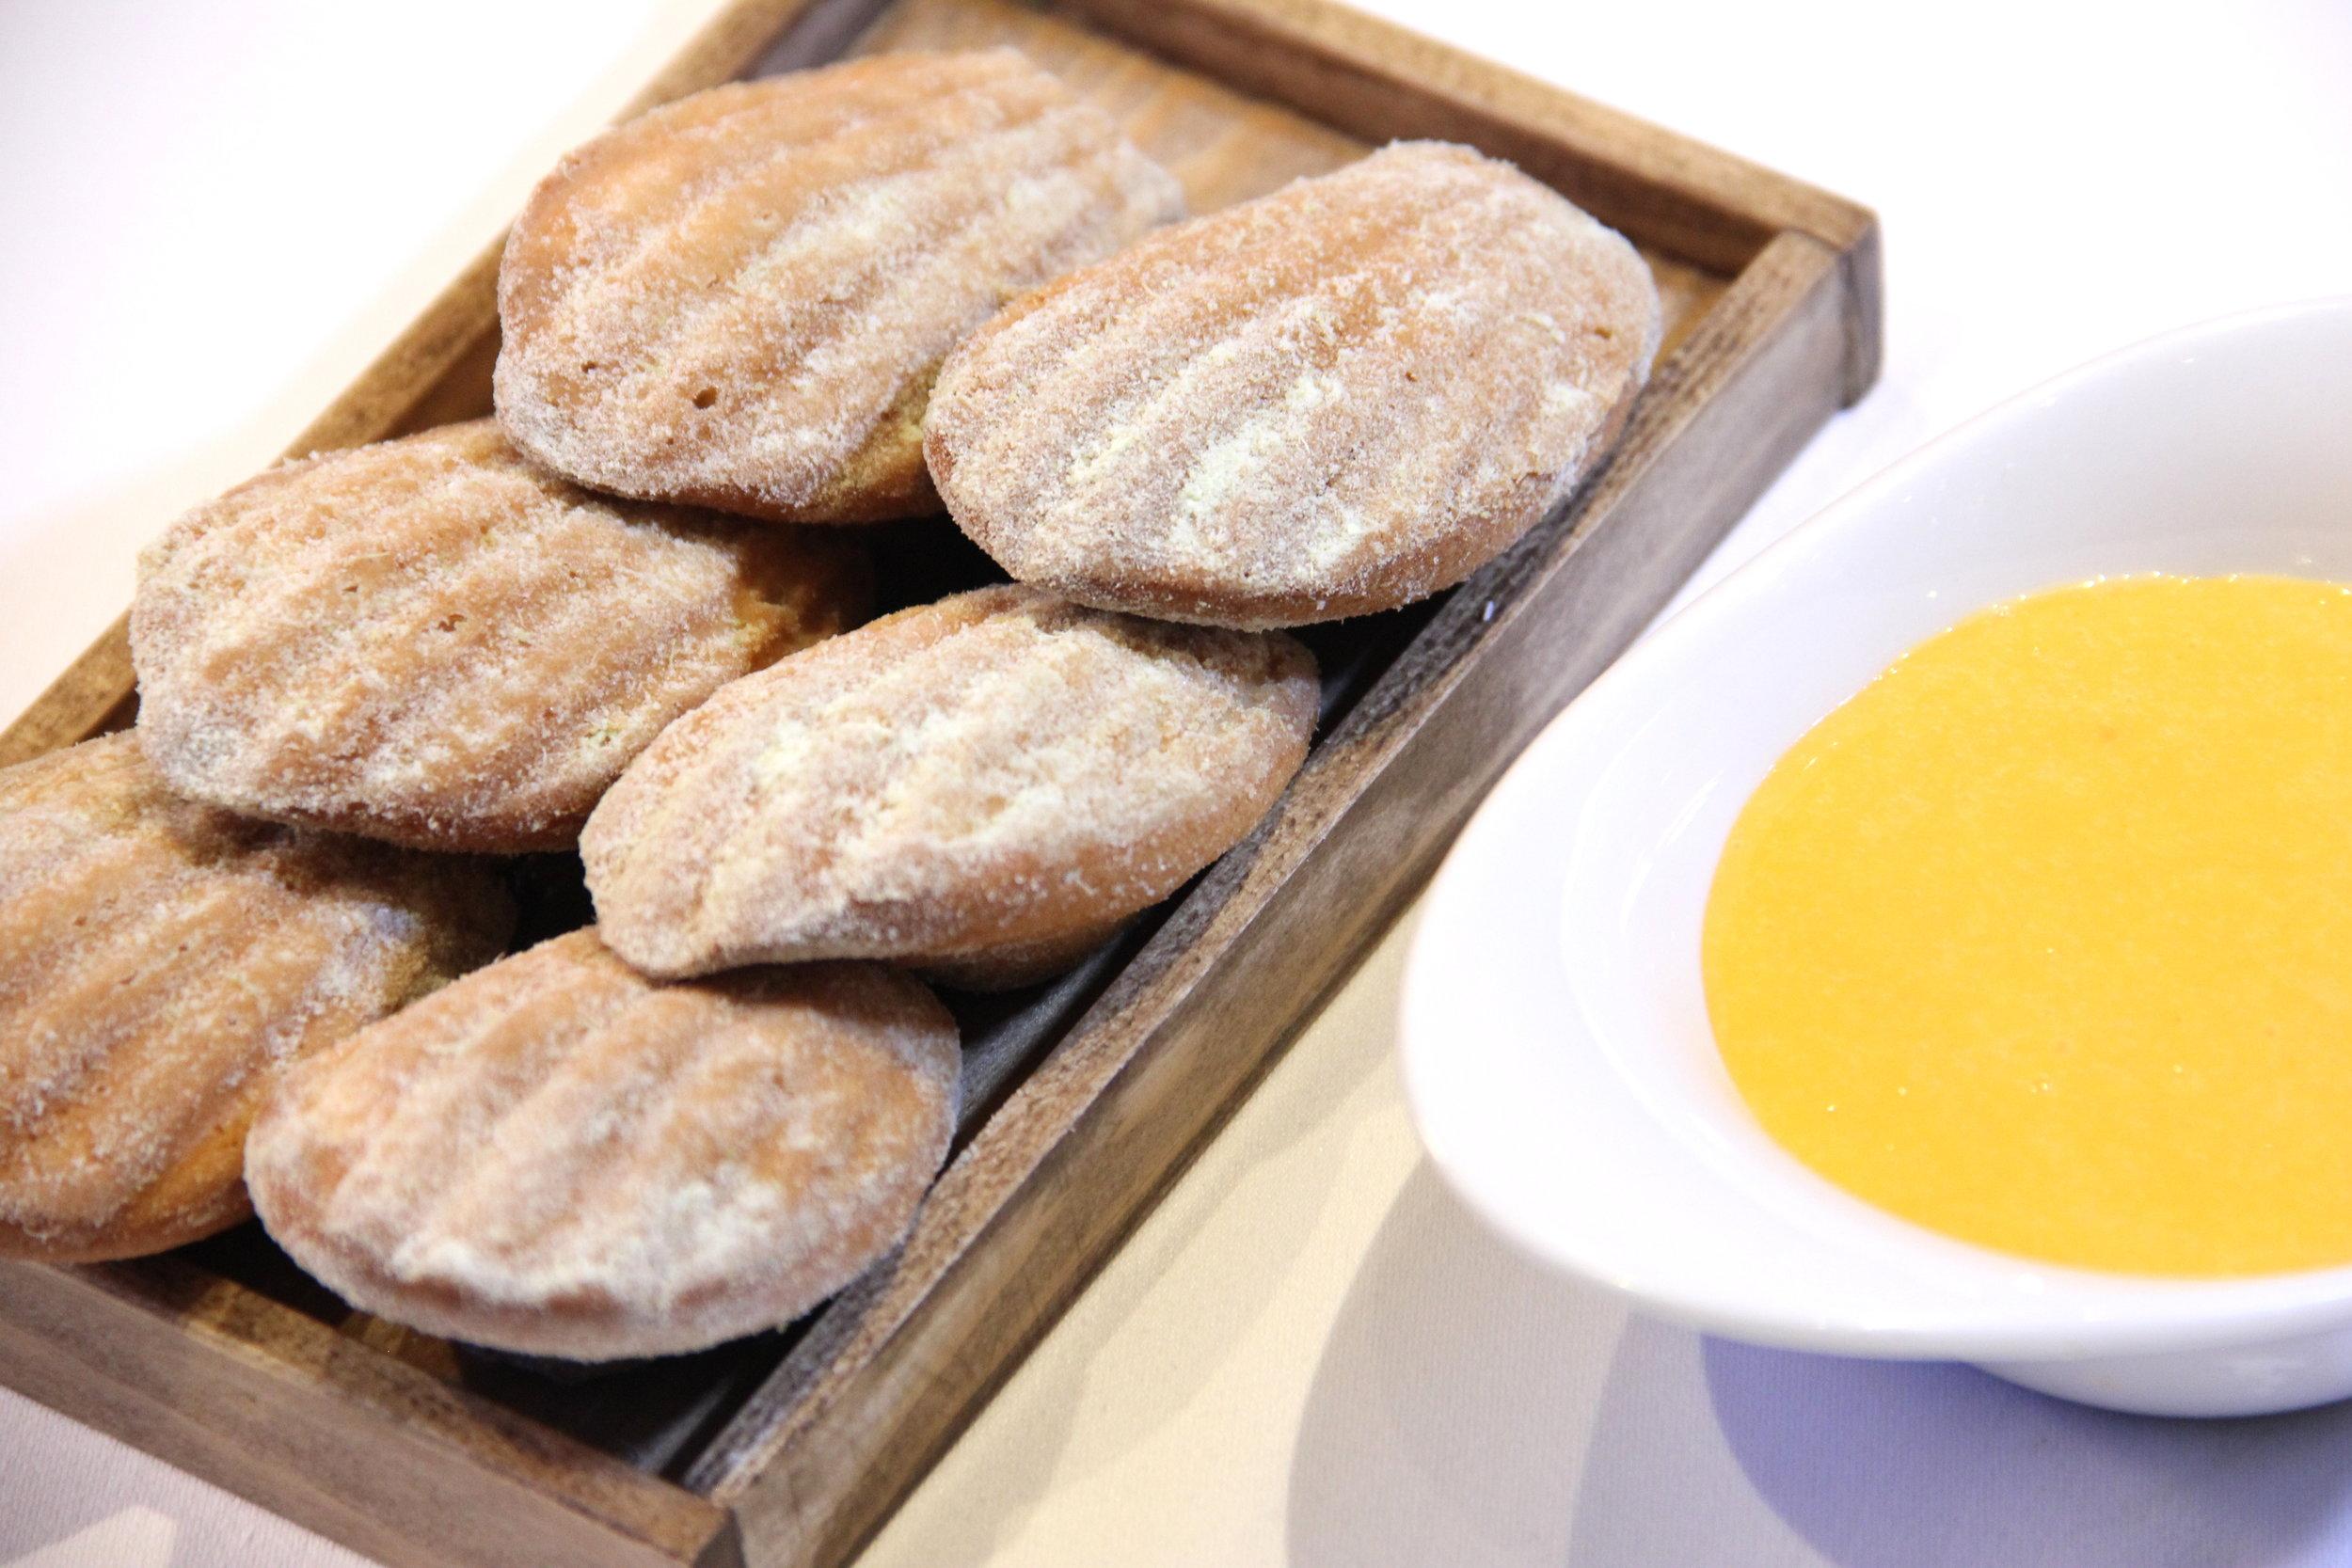 ....  Värskelt küpsetatud Madeleine'id astelpajukreemiga 6€  Teisisõnu prantsusepärased sidruniküpsised. Näevad välja väga tahked, aga sisu on neil hell ja pehme. Peab tõdema, et ilma astelpajukreemita neid üle ühe tüki süüa ei suudaks, kuid koos kreemiga oli see magustoit täiesti nauditav. Küpsised olid soojad ja pehmed ning kogu kooslus magus-hapu. Peab tõdema, et süües neid küpsiseid võis meil kõht ka juba üsna täis olla ning meie hinnang ei ole ka võrreldav eelroogade omaga. Võime aga öelda, et isegi täis kõhu peale sõime peaaegu kõik need ära.  ..    Freshly baked Madeleines and seabuckthorn cream 6€  In other words French lemon cookies. They look hard and solid, but the inside is soft and delicate. To be honest, without the seabuckthorn cream we would have had only one cookie, but with the cream it was much easier to eat them. Cookies are warm and soft and all the combination is sweet and sour. A secret: at that point of the dinner, our stomachs were maybe too full to give an adequate rating to this desserts, cause we were not as hungry as we were with the first appetizer. To conclude this, even though we were full, we still finished the whole plate.  ....